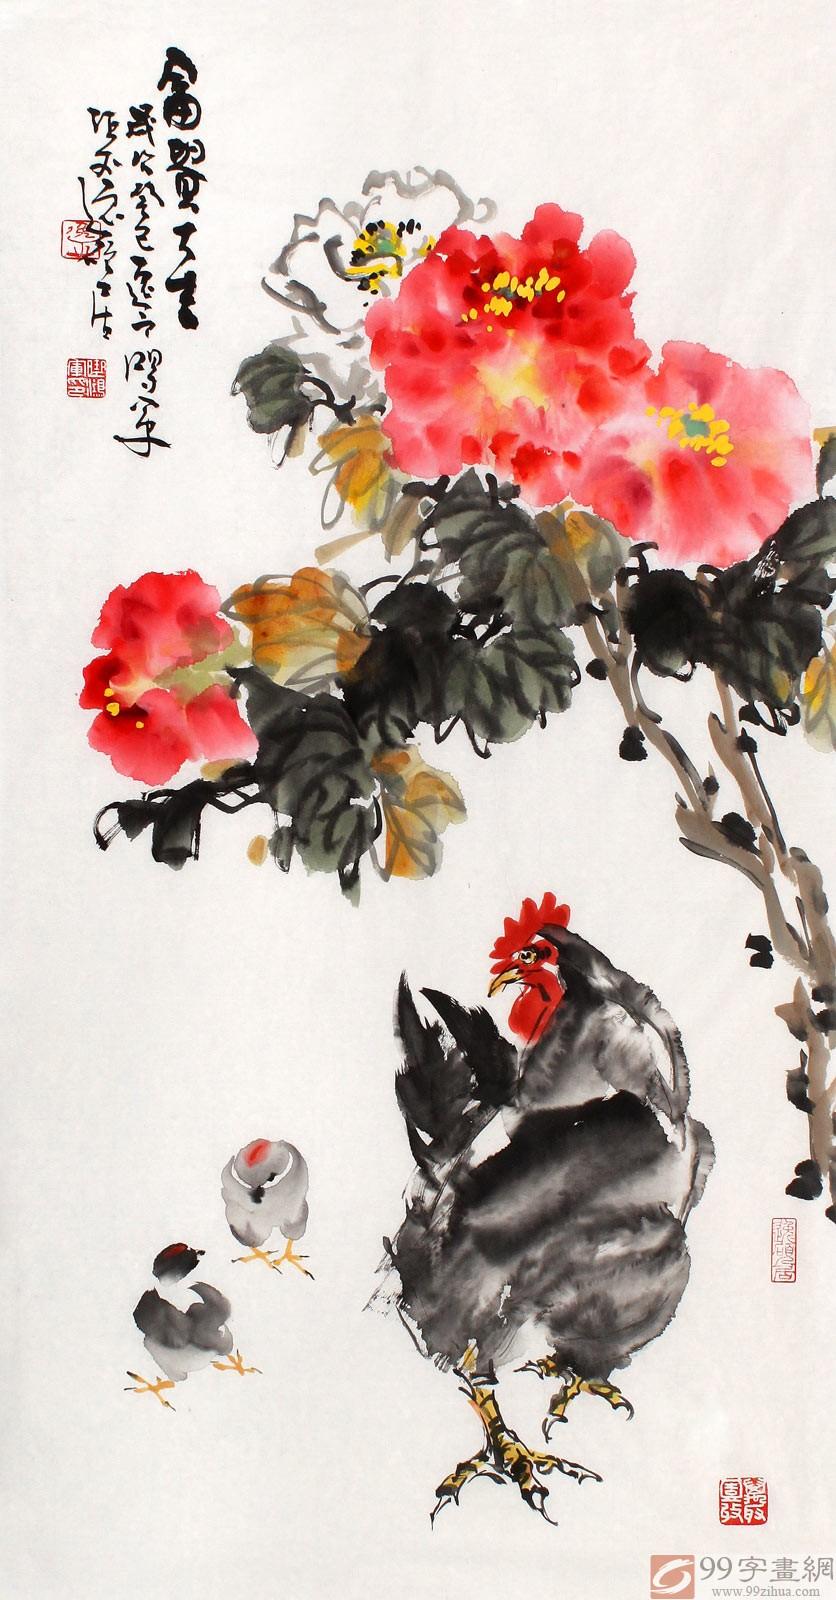 qa河南著名画家曲逸之三尺牡丹大鸡图《富贵大吉》(询价)图片